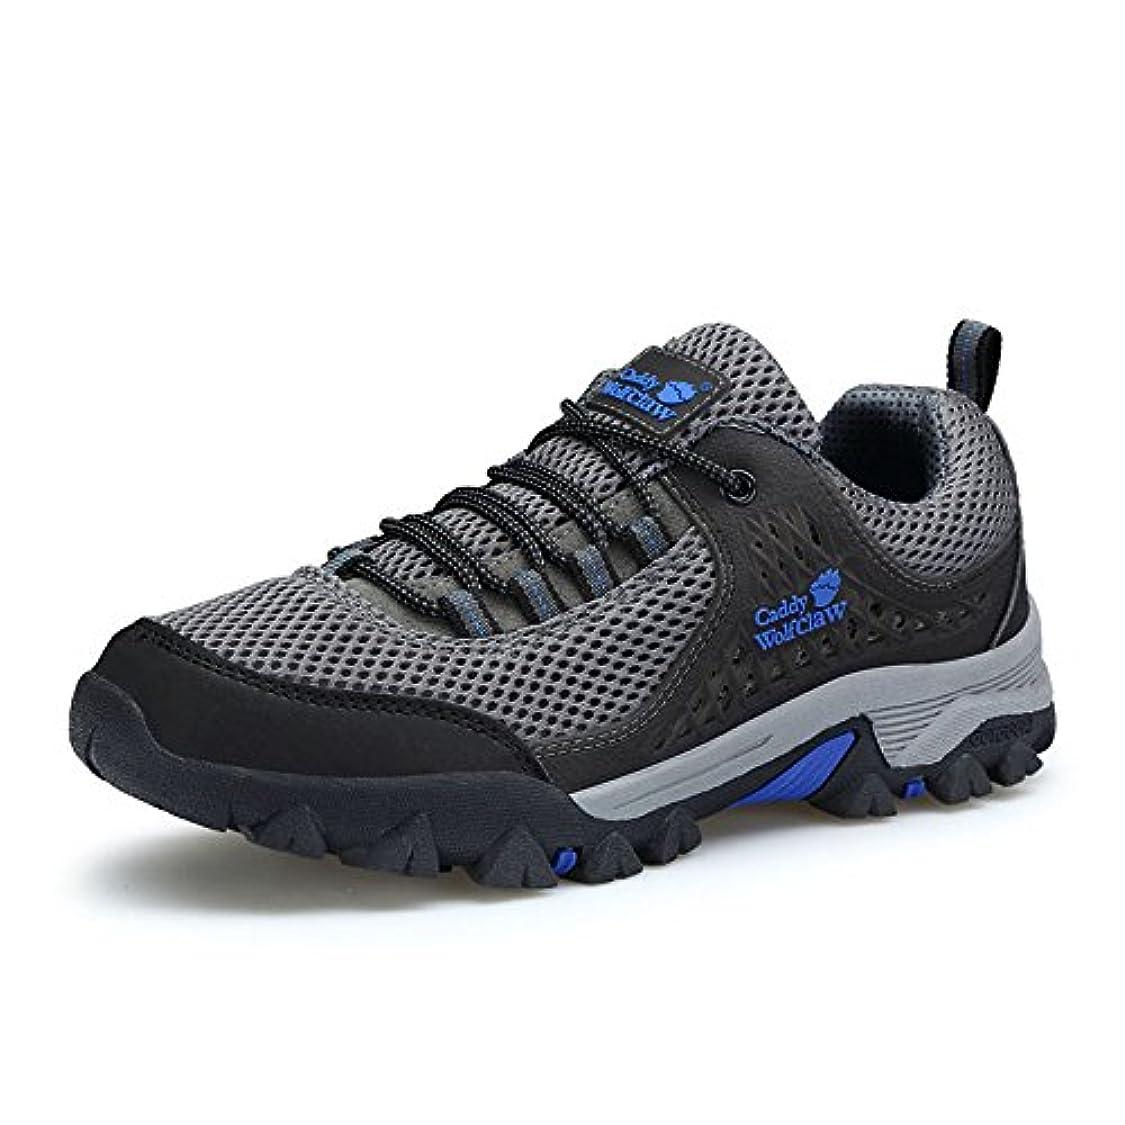 チップ行商人本質的ではない[スフォン] 登山靴 メンズ トレッキングシューズ メッシュ 通気性 ハイキングシューズ ウォーキング クッション性 防滑 アウトドアスニーカー